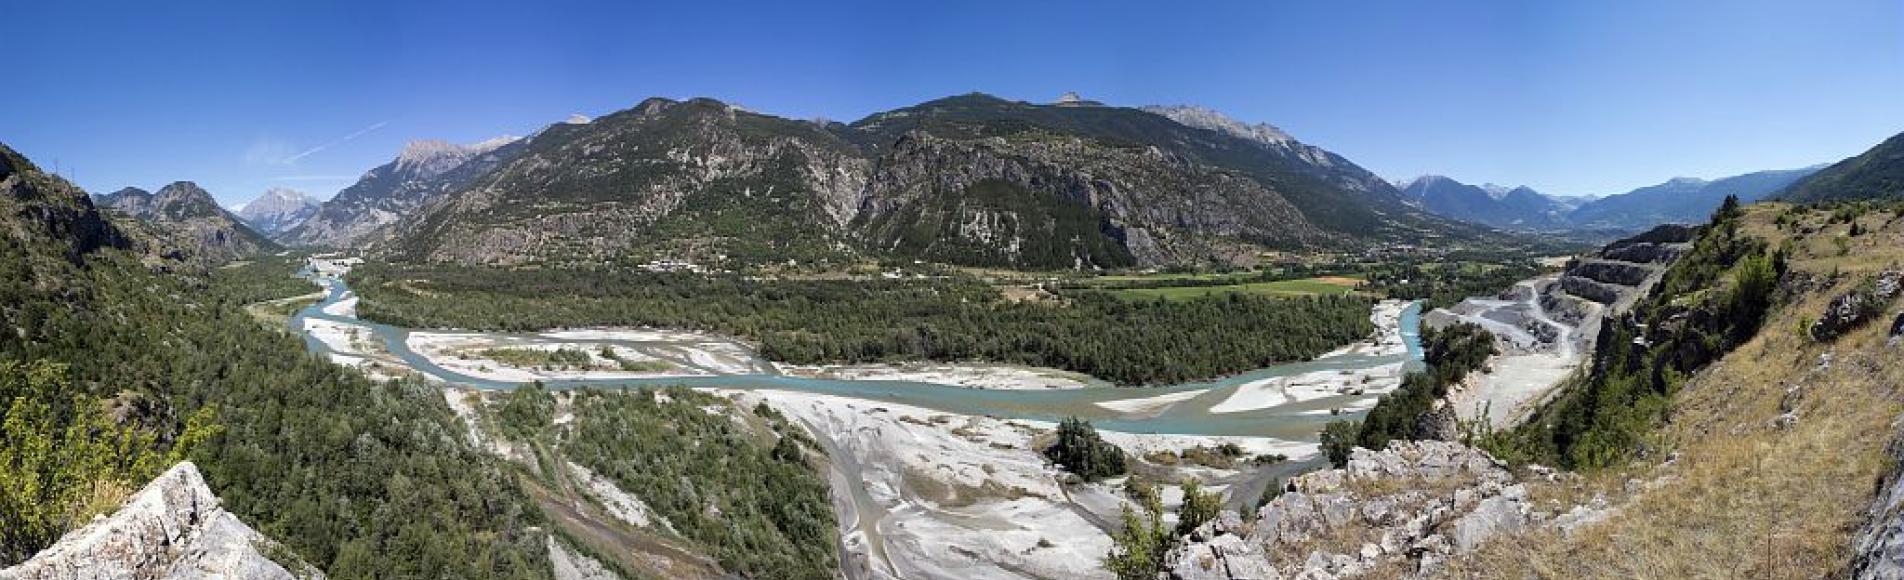 La carrière de Barrachin (Champcella) et la vallée de la Durance © Pascal Saulay - Parc national des Ecrins